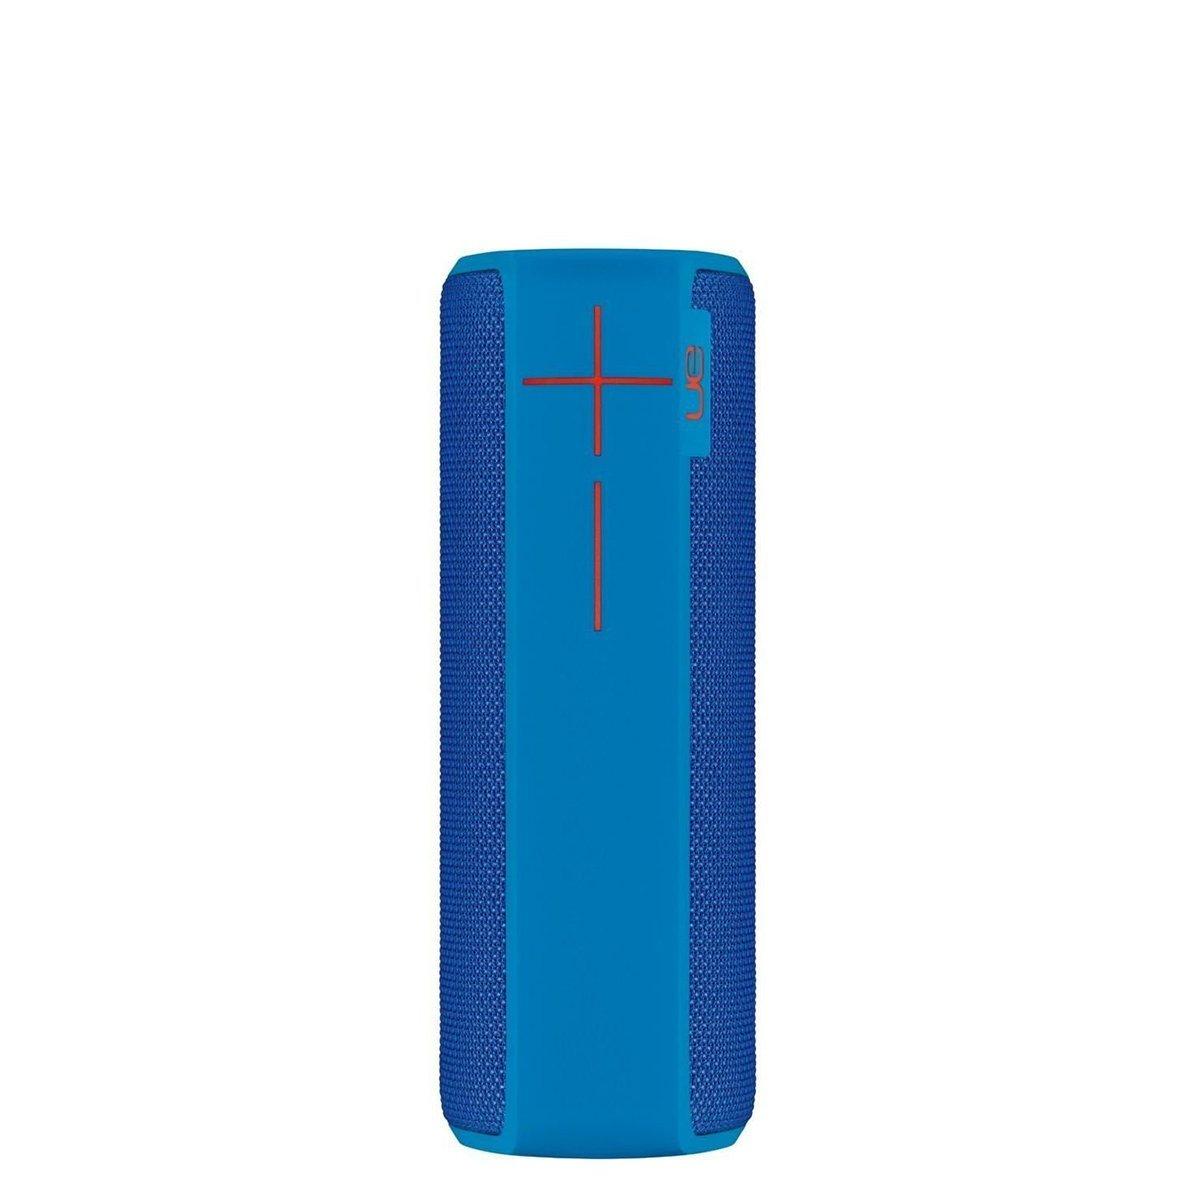 UE Boom 2, une petite enceinte Bluetooth à 49 euros au lieu de 99 euros